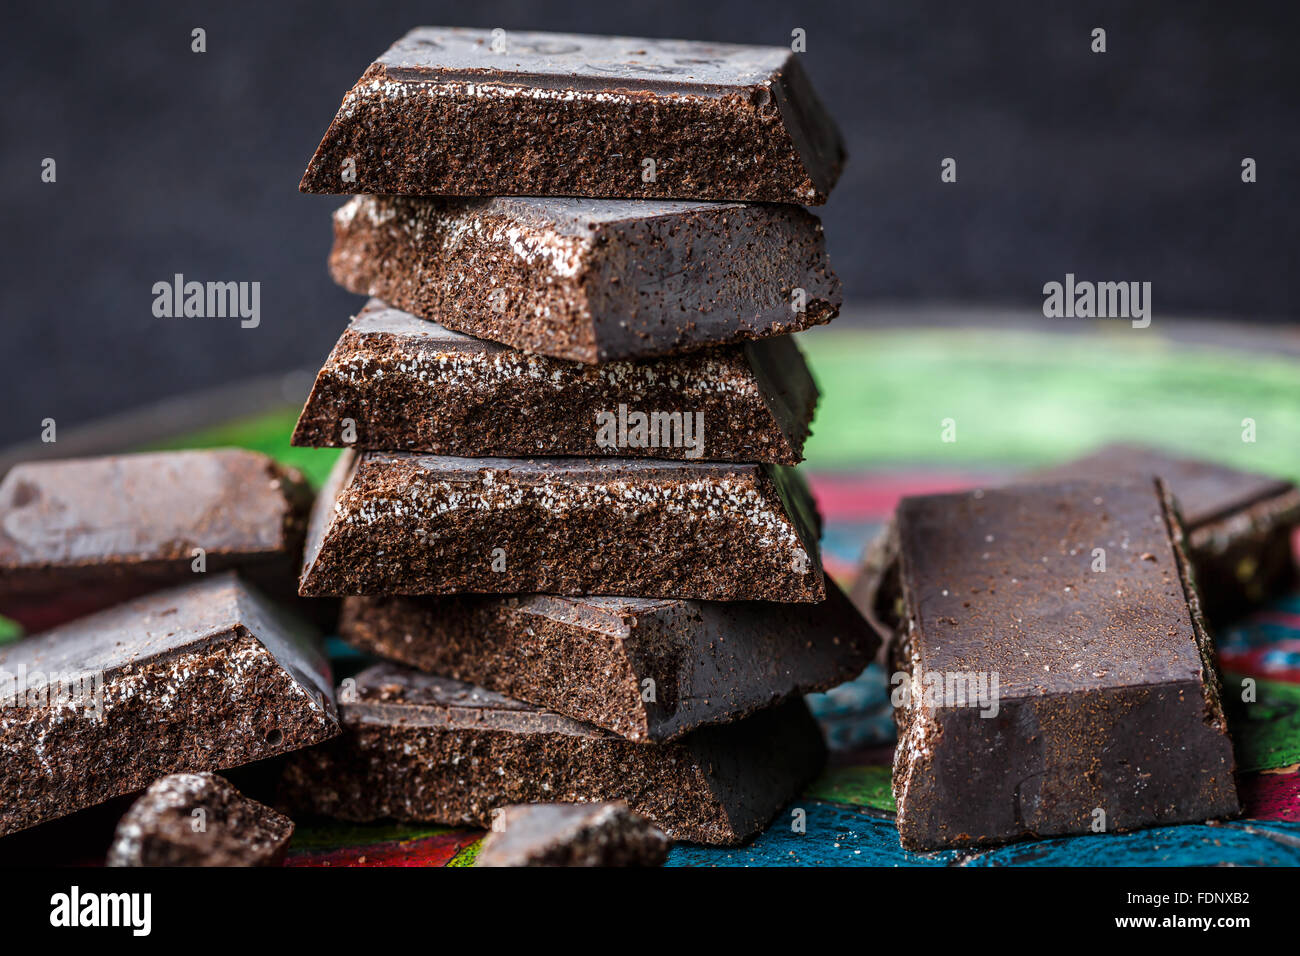 Cioccolato di Modica (Chocolate of Modica) sicilian specialty - Stock Image